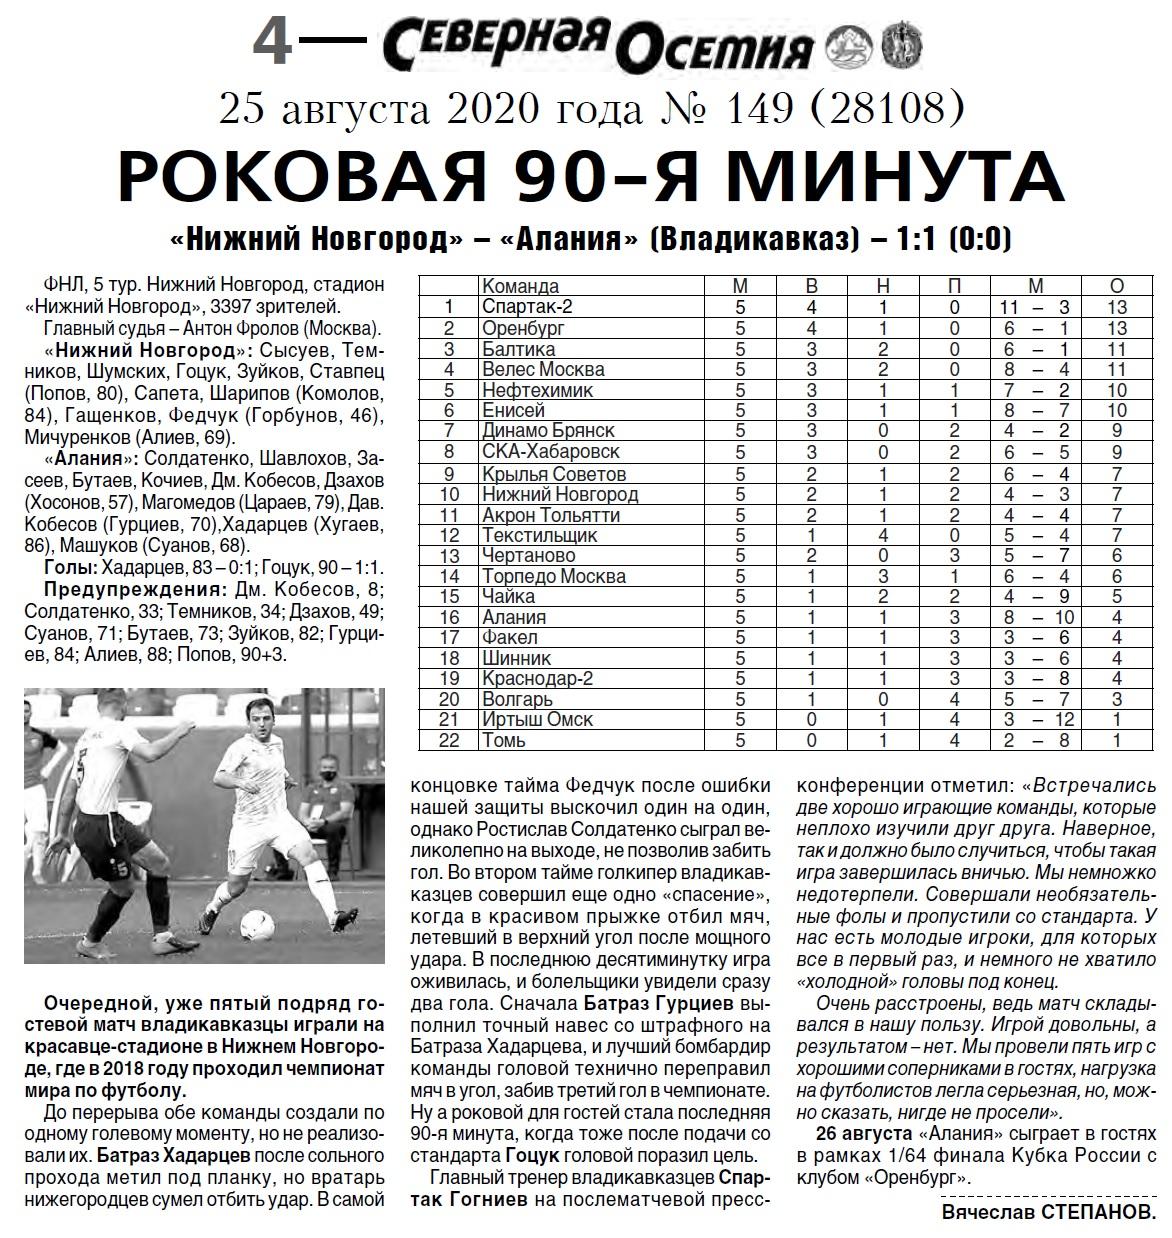 Нижний Новгород (Нижний Новгород) - Алания (Владикавказ) 1:1. Нажмите, чтобы посмотреть истинный размер рисунка